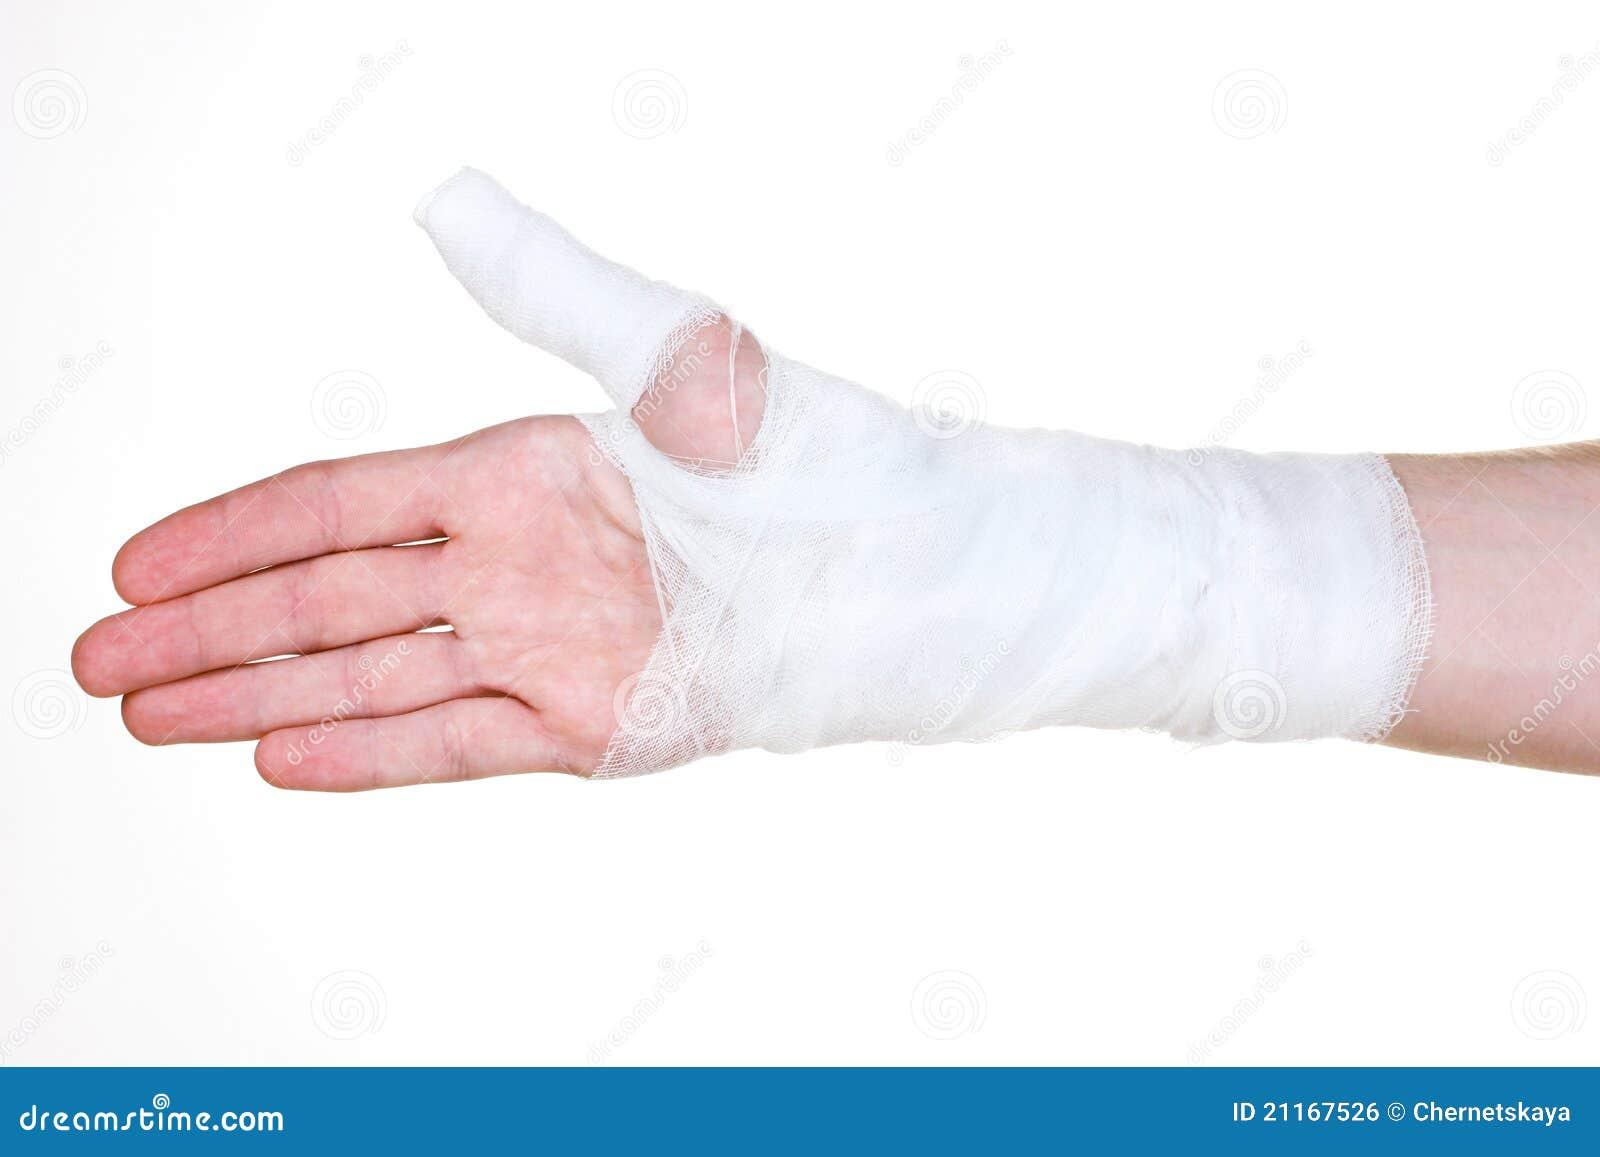 Bandaged Hand Royalty Free Stock Image - Image: 21167526